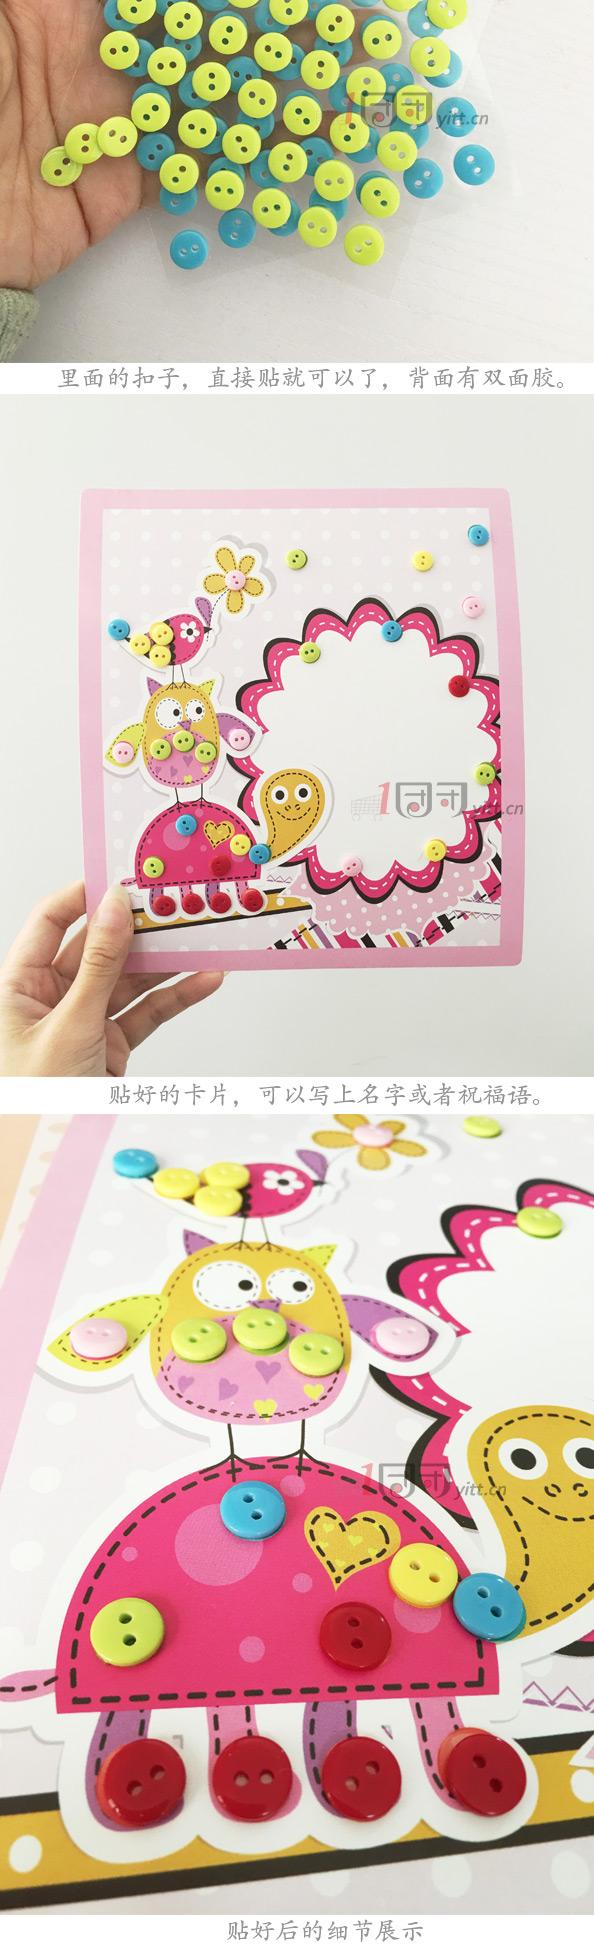 芙蓉天使幼儿园儿童手工制作diy纽扣贺卡贴画